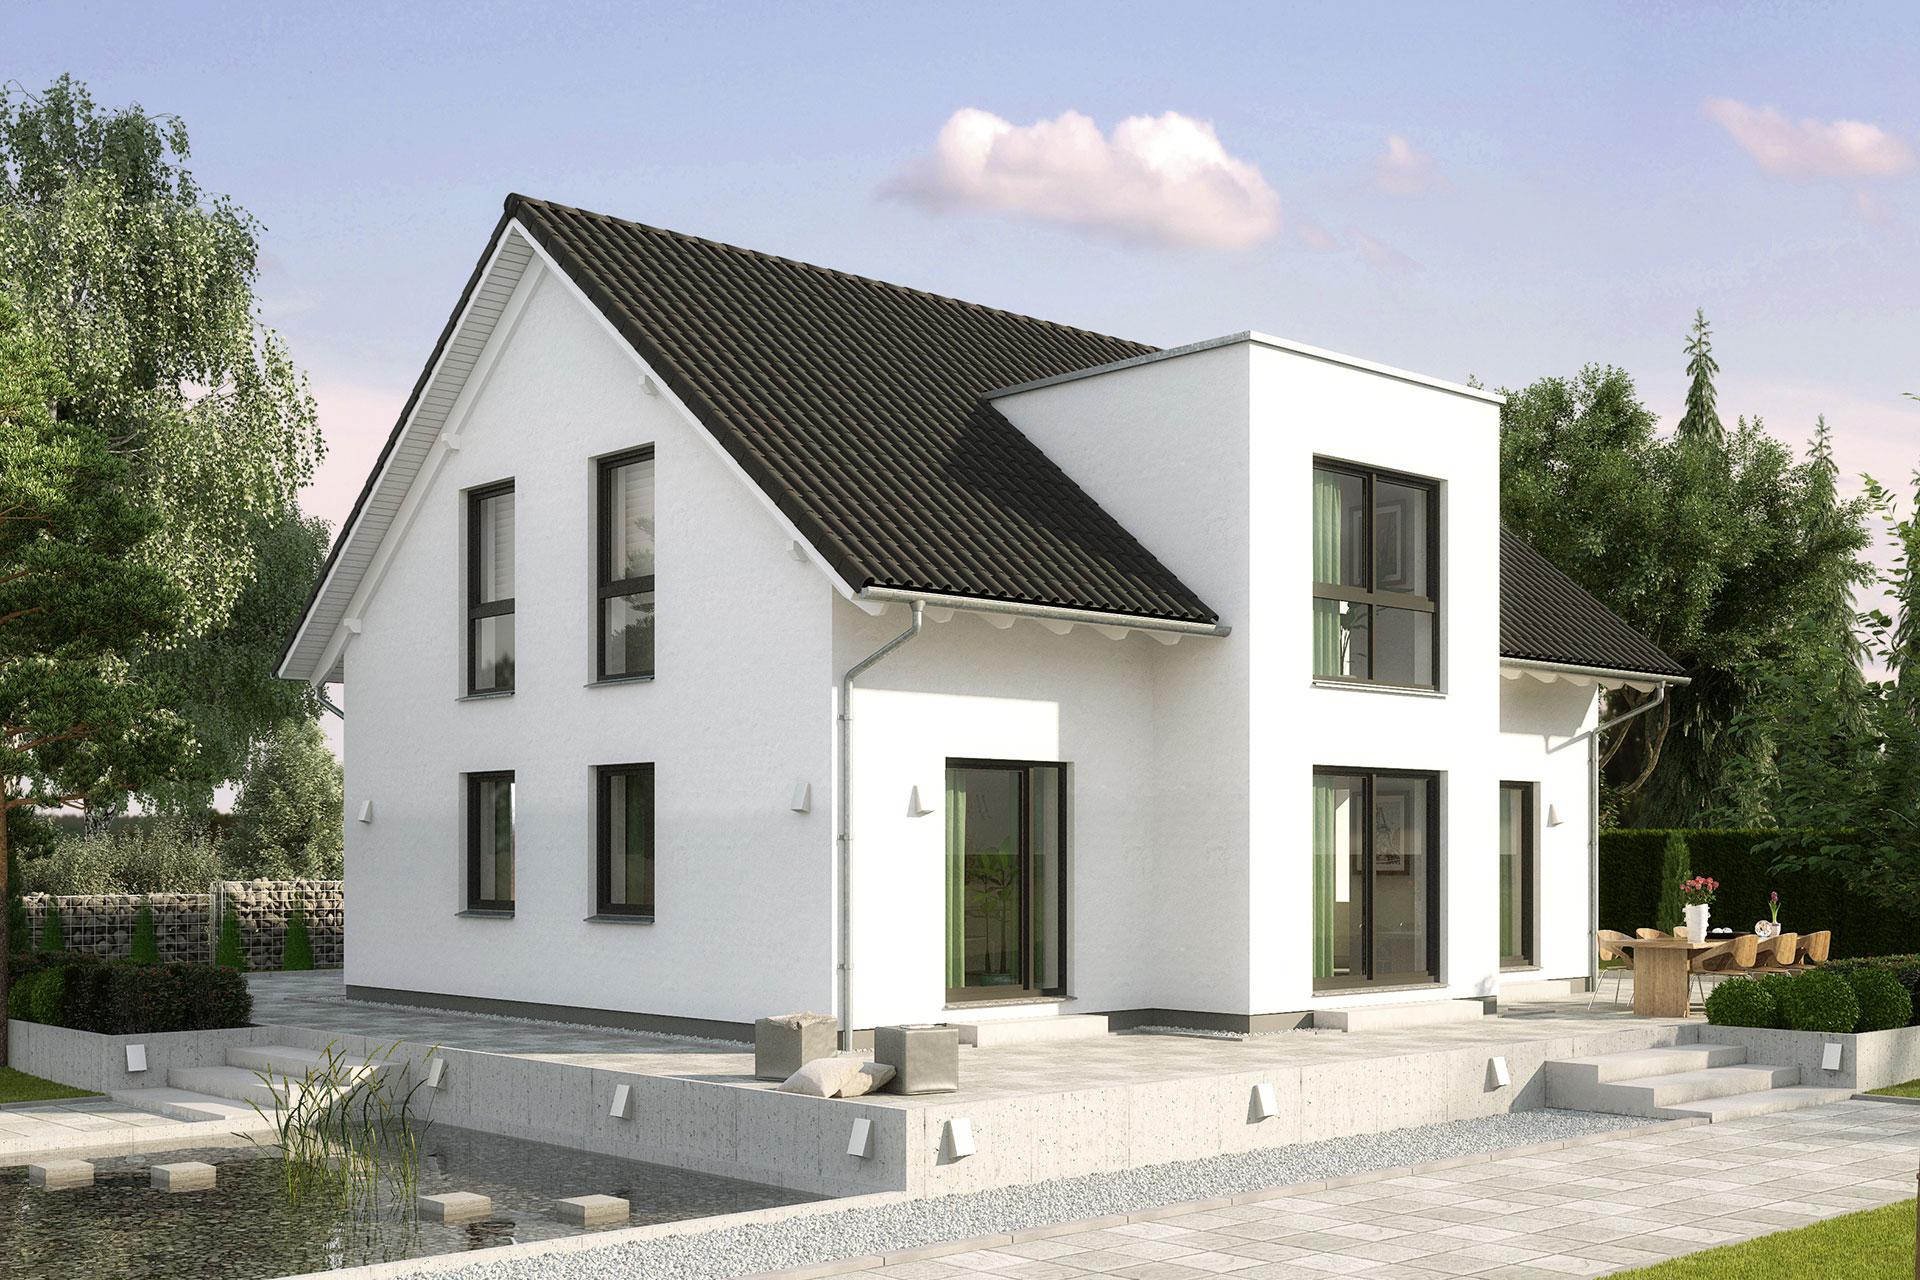 einfamilienhaus guenstig bauen birkenallee eines der 5